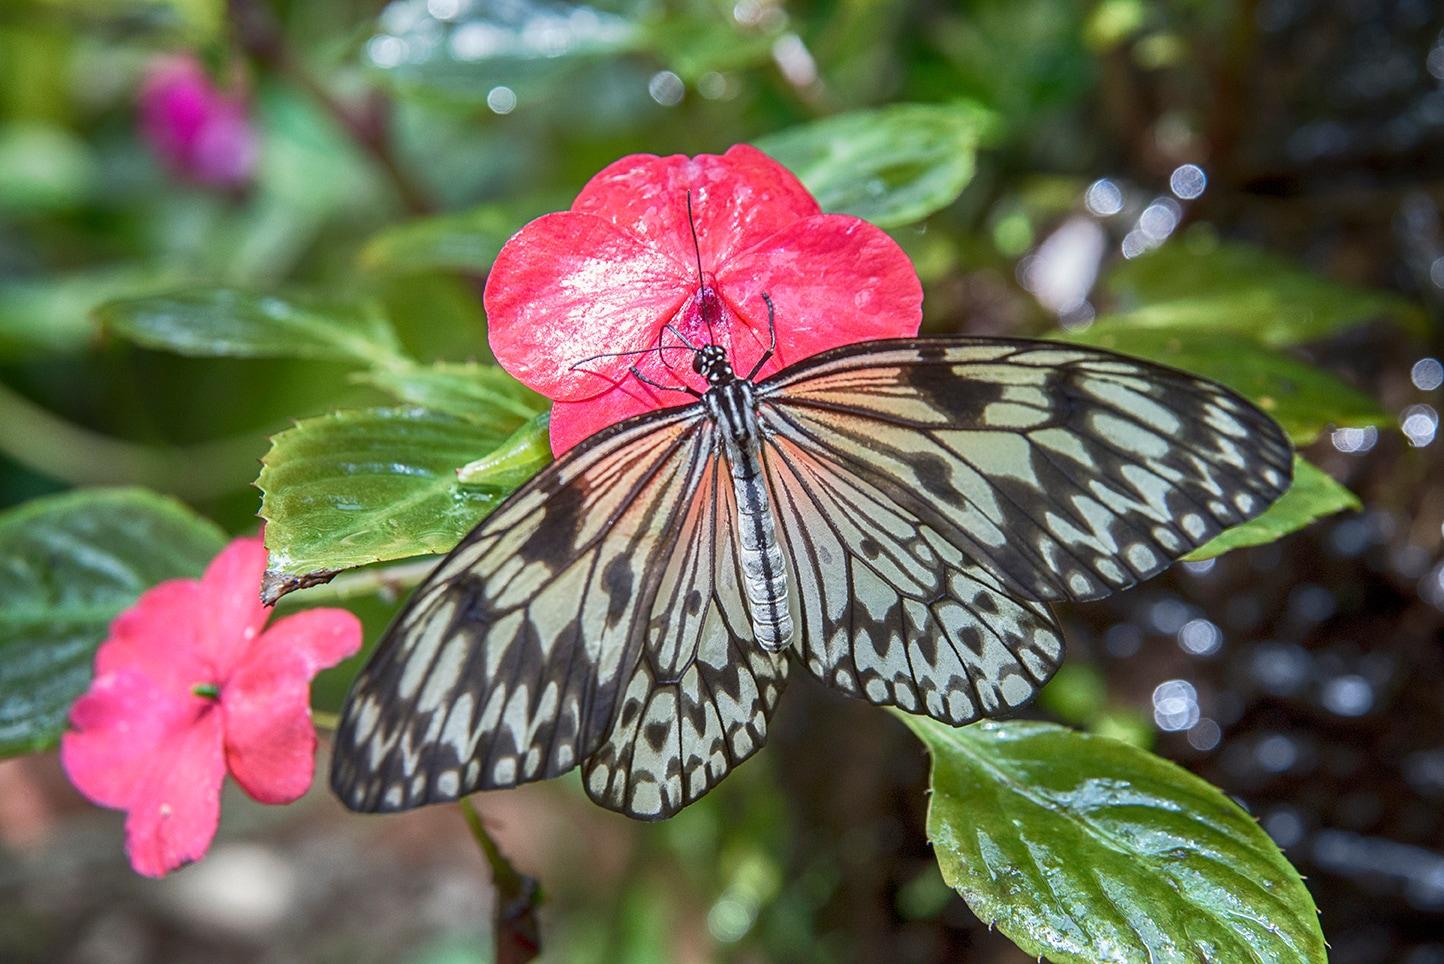 Farfalla colorata della Butterfly House [ @Fanpage.it / Ilaria Vangi]